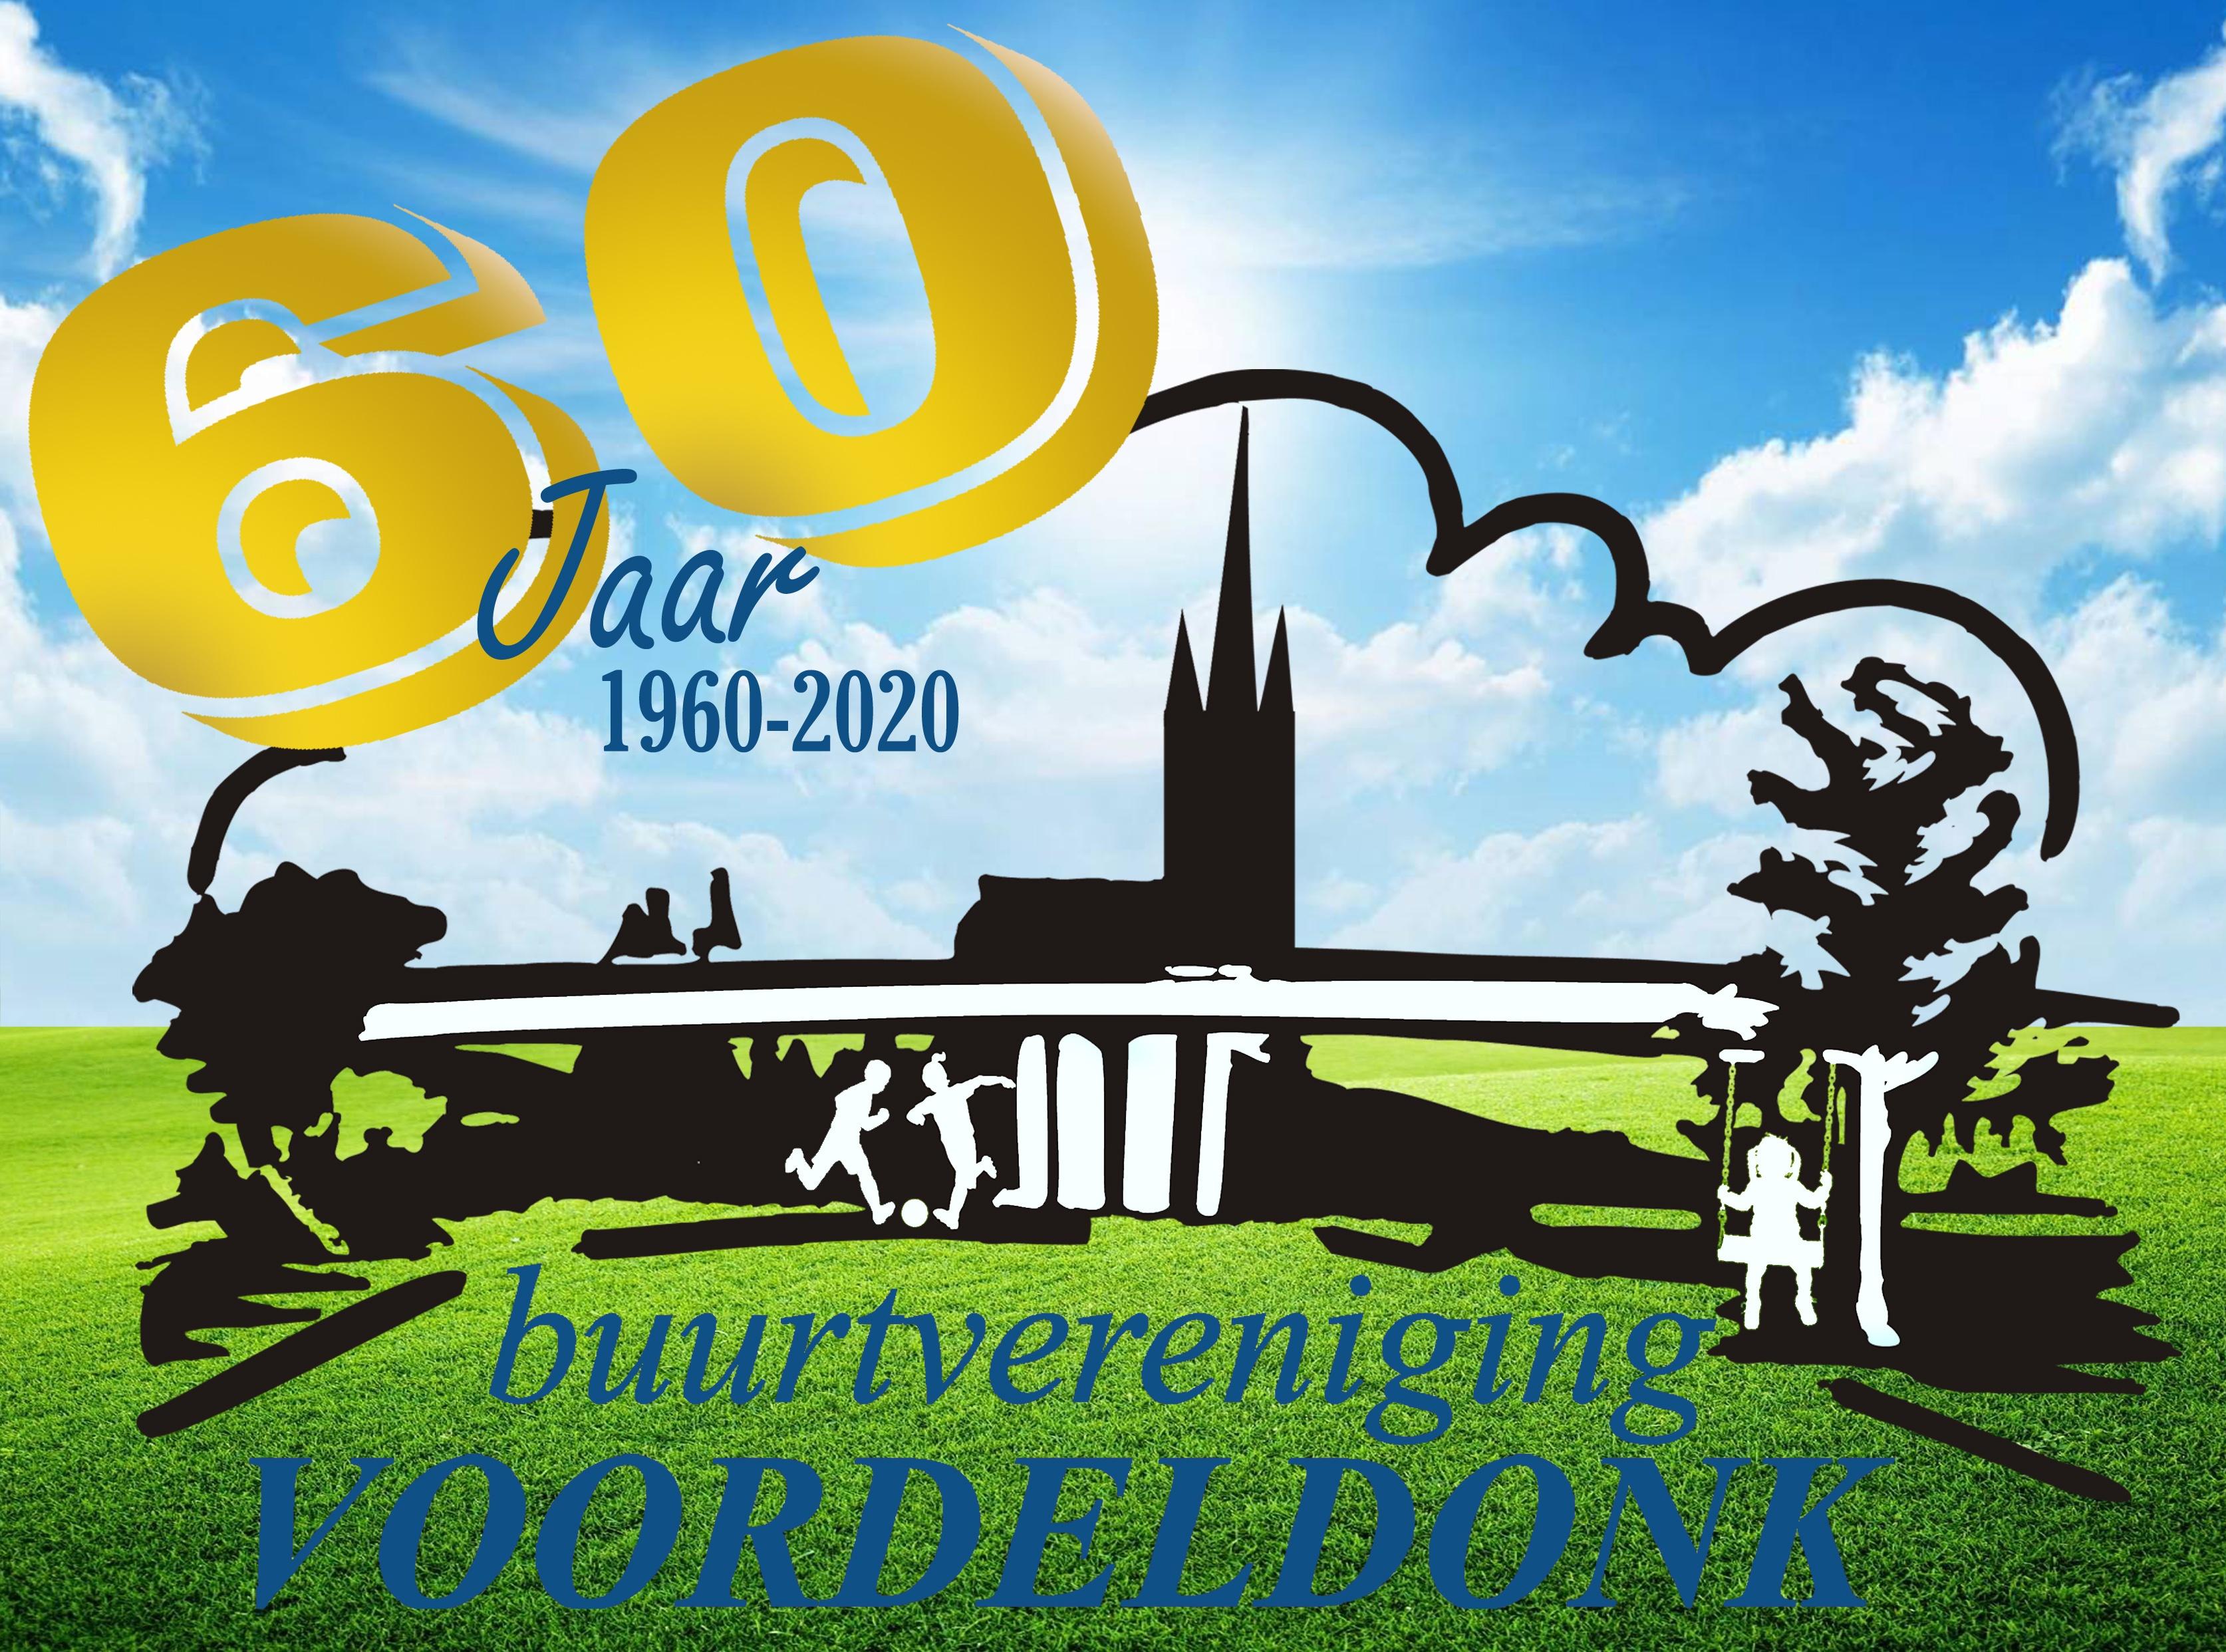 60 jaar Buurtvereniging Voordeldonk (GEANNULEERD)